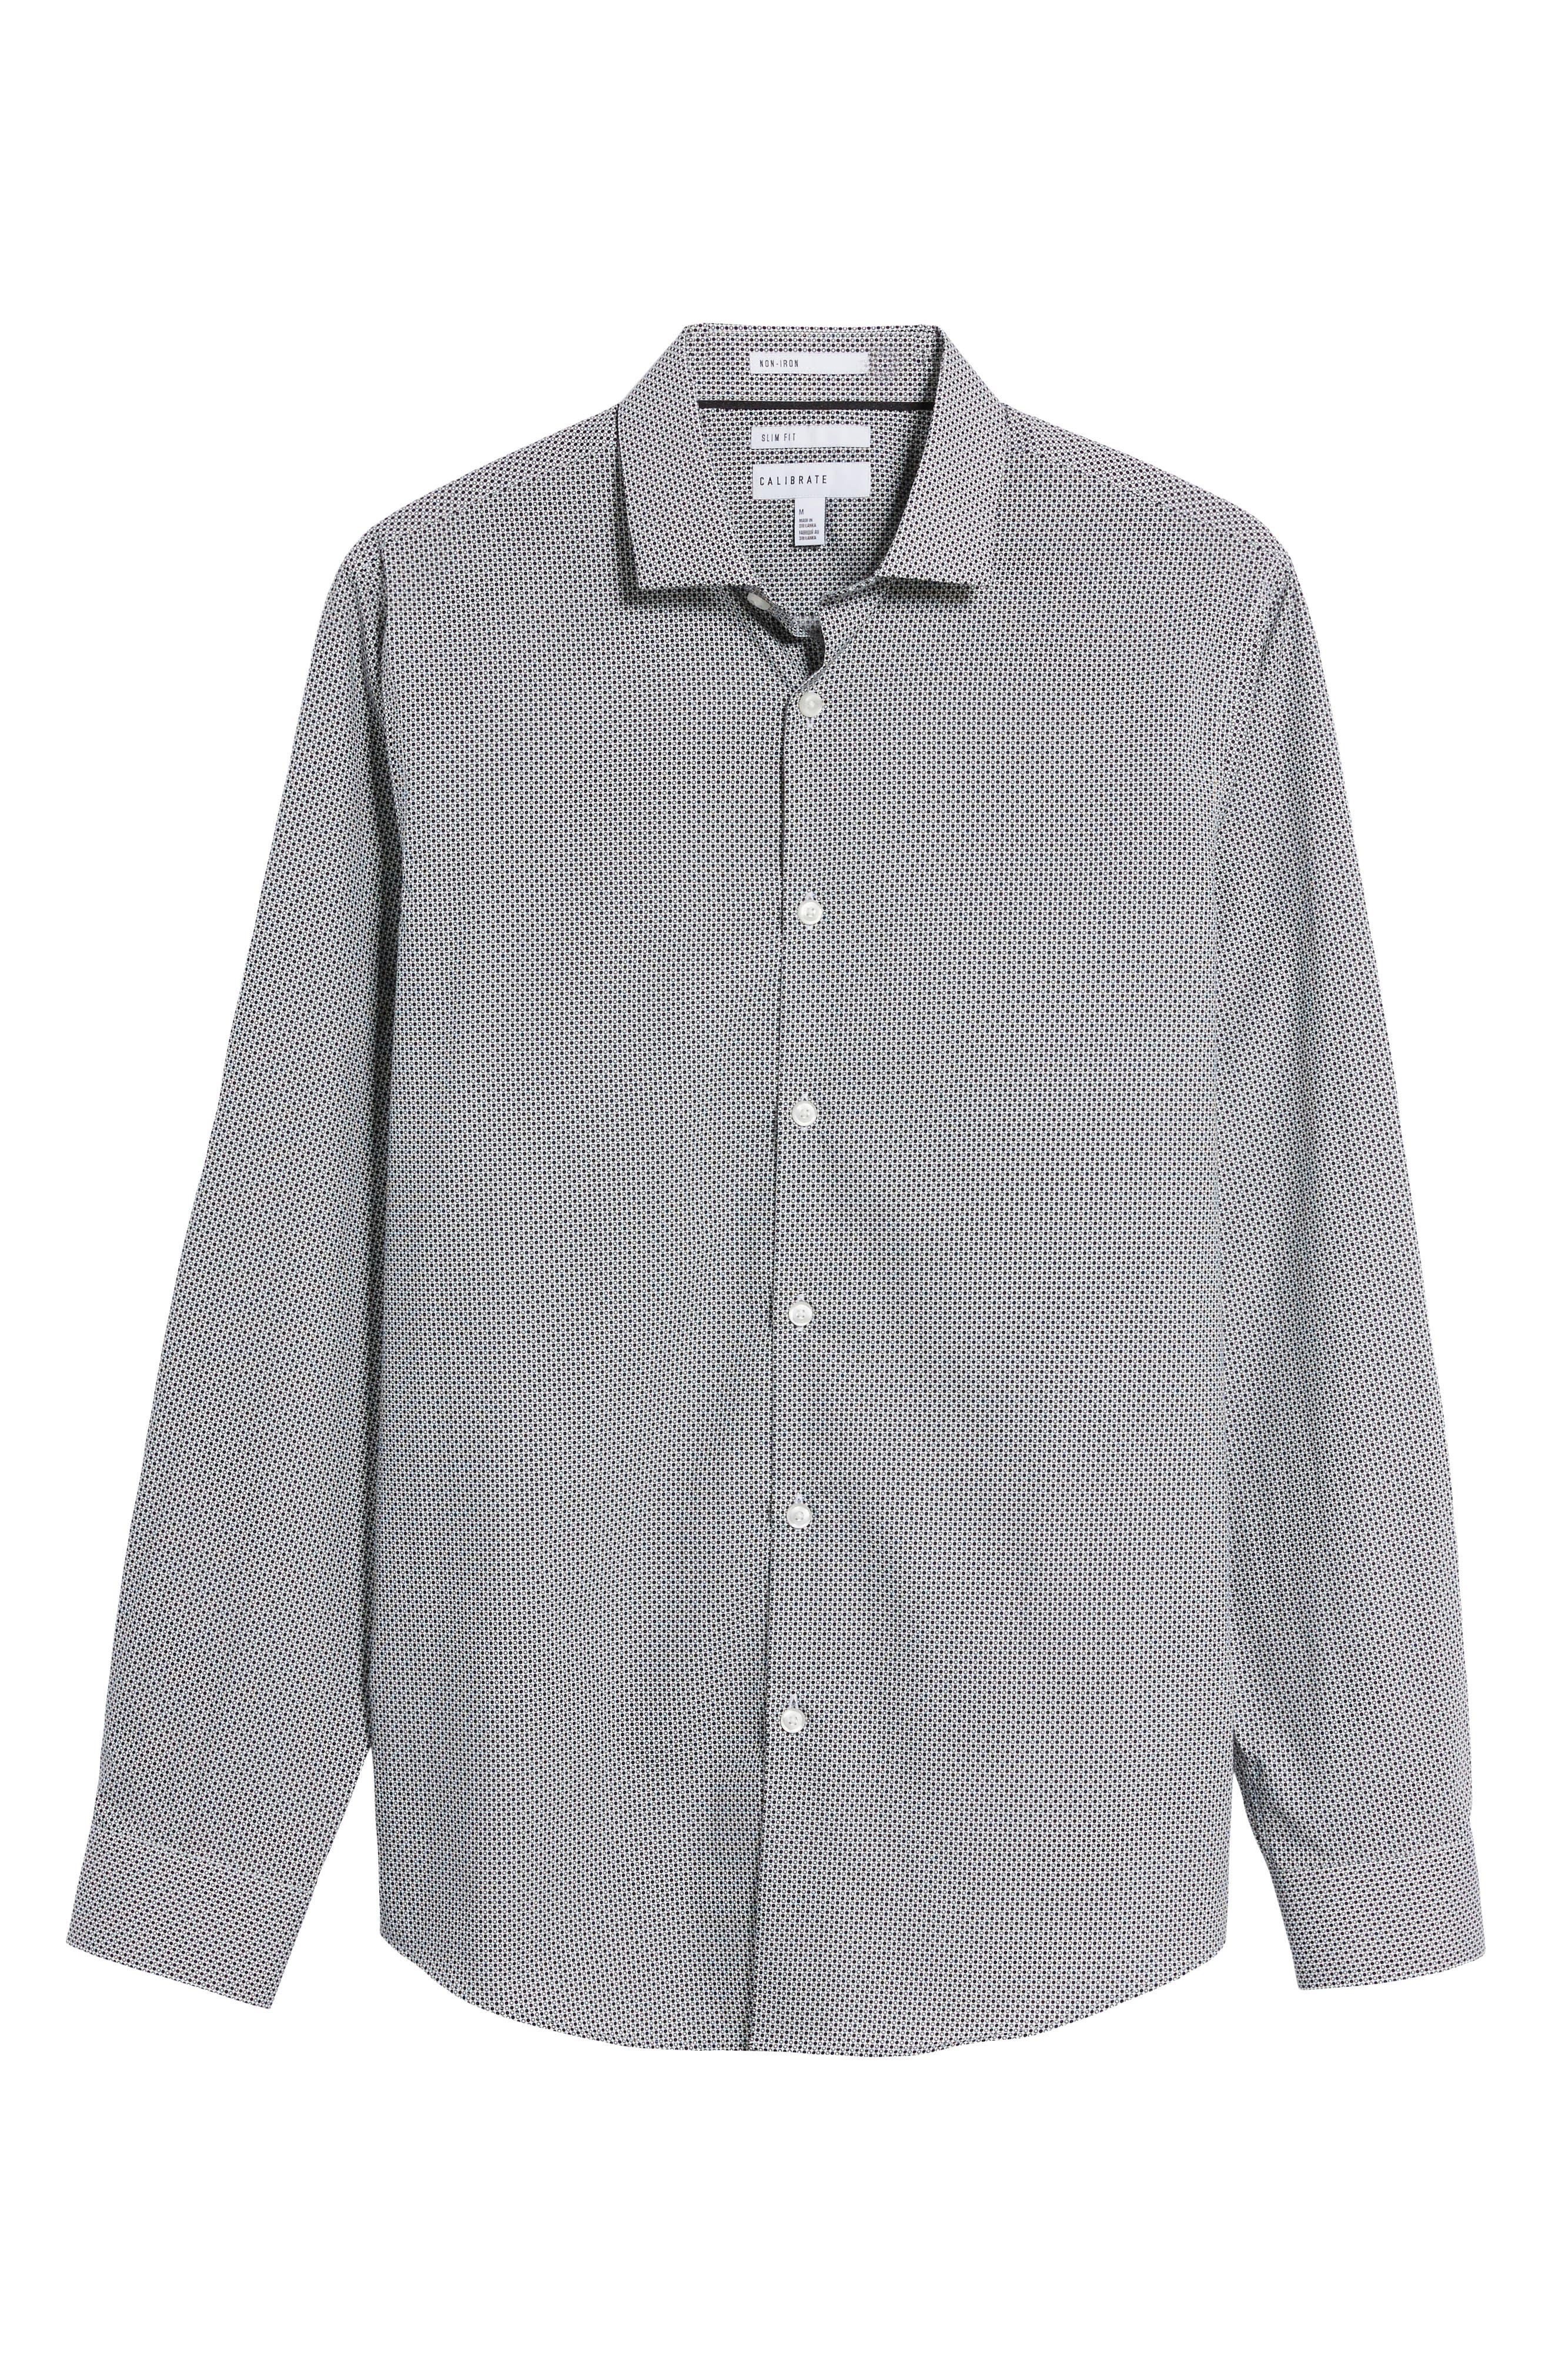 Dot Print Sport Shirt,                             Alternate thumbnail 6, color,                             White Black Mini Circle Print